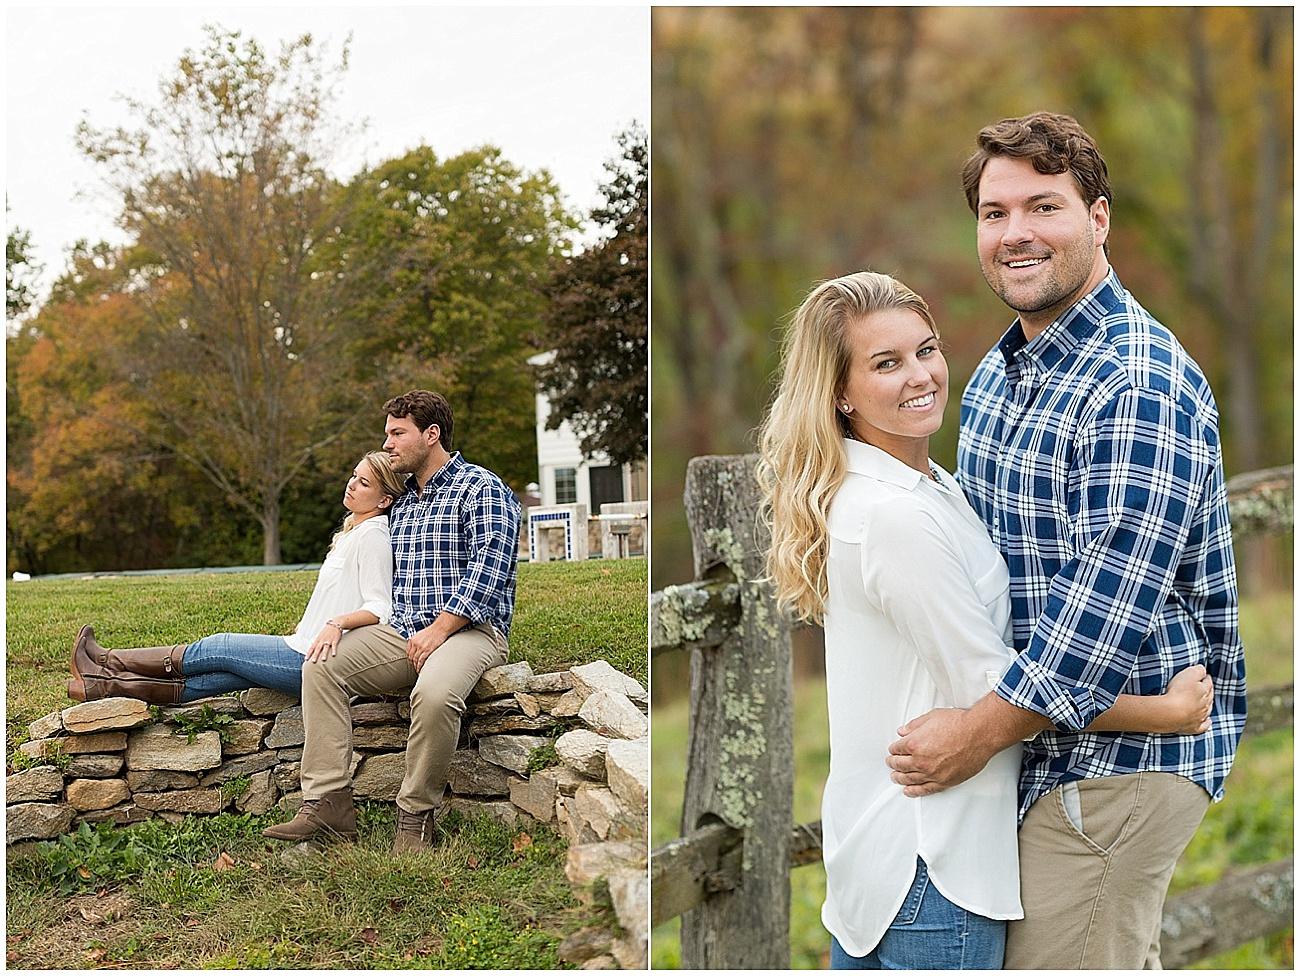 Kaitlin_Kyle_Sparks_Maryland_Wedding_Photographer_0002